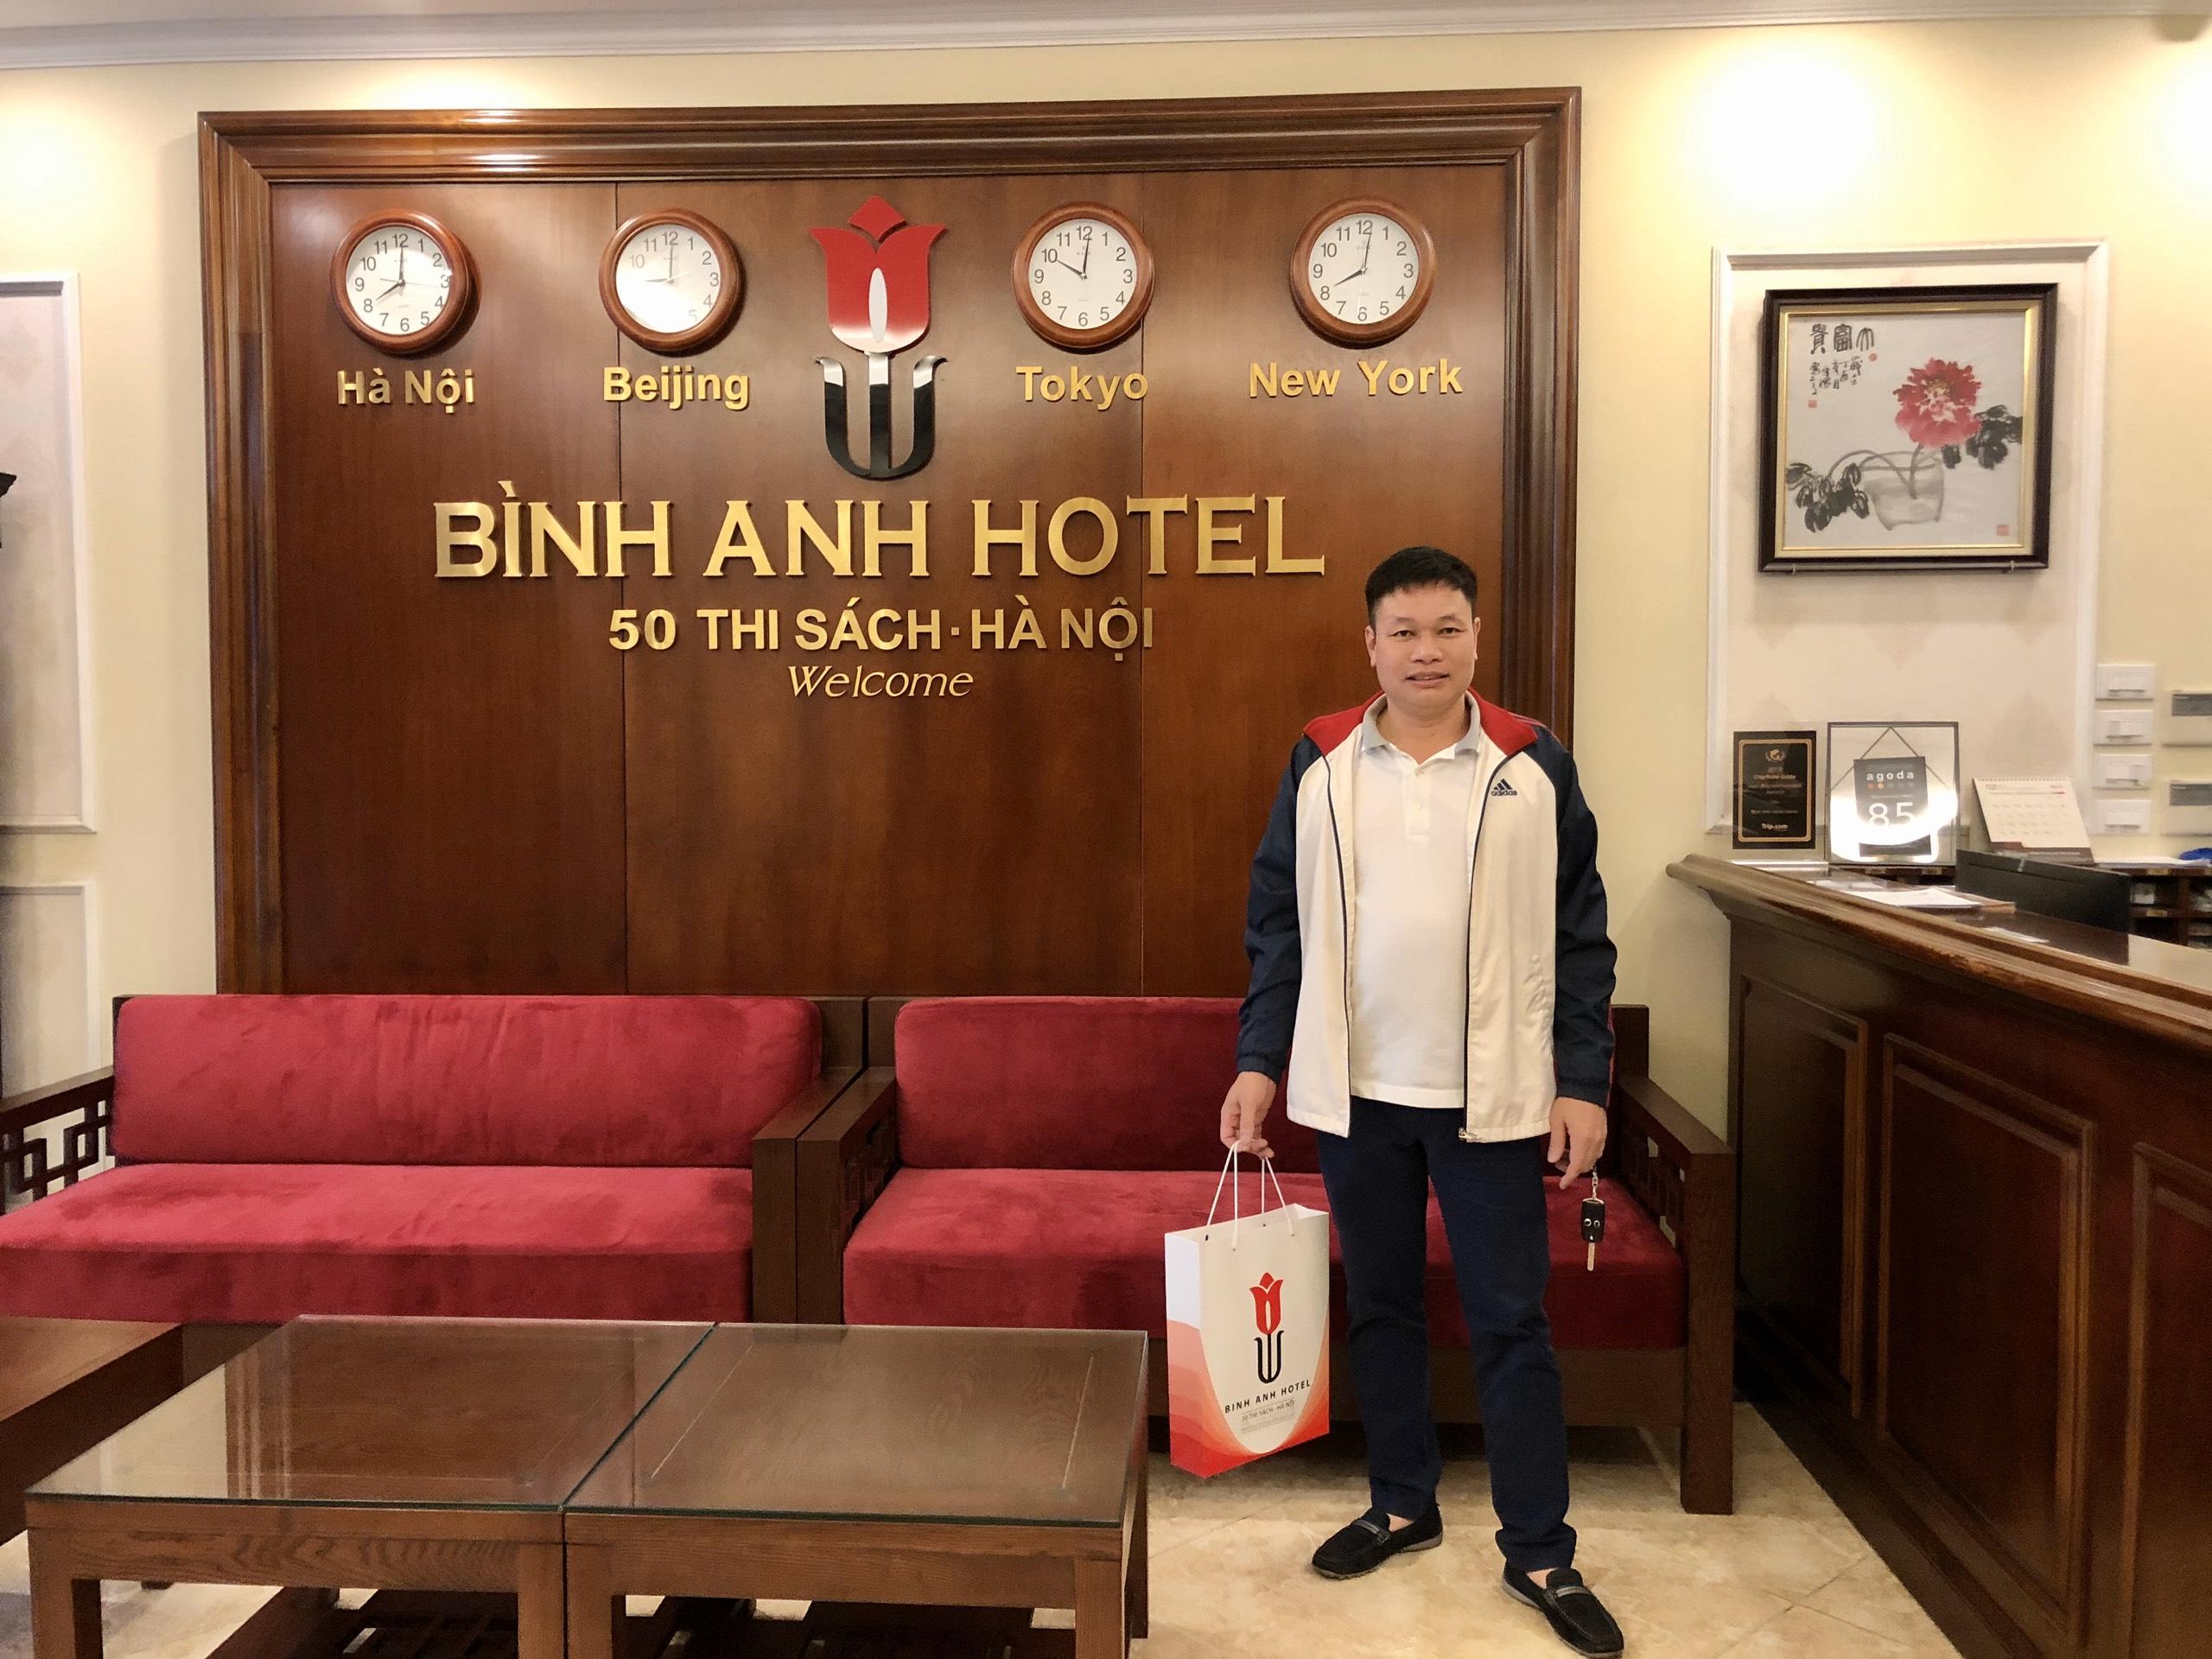 <p>Bình Anh Hotel là lựa chọn của tôi mỗi lần ra HN</p>